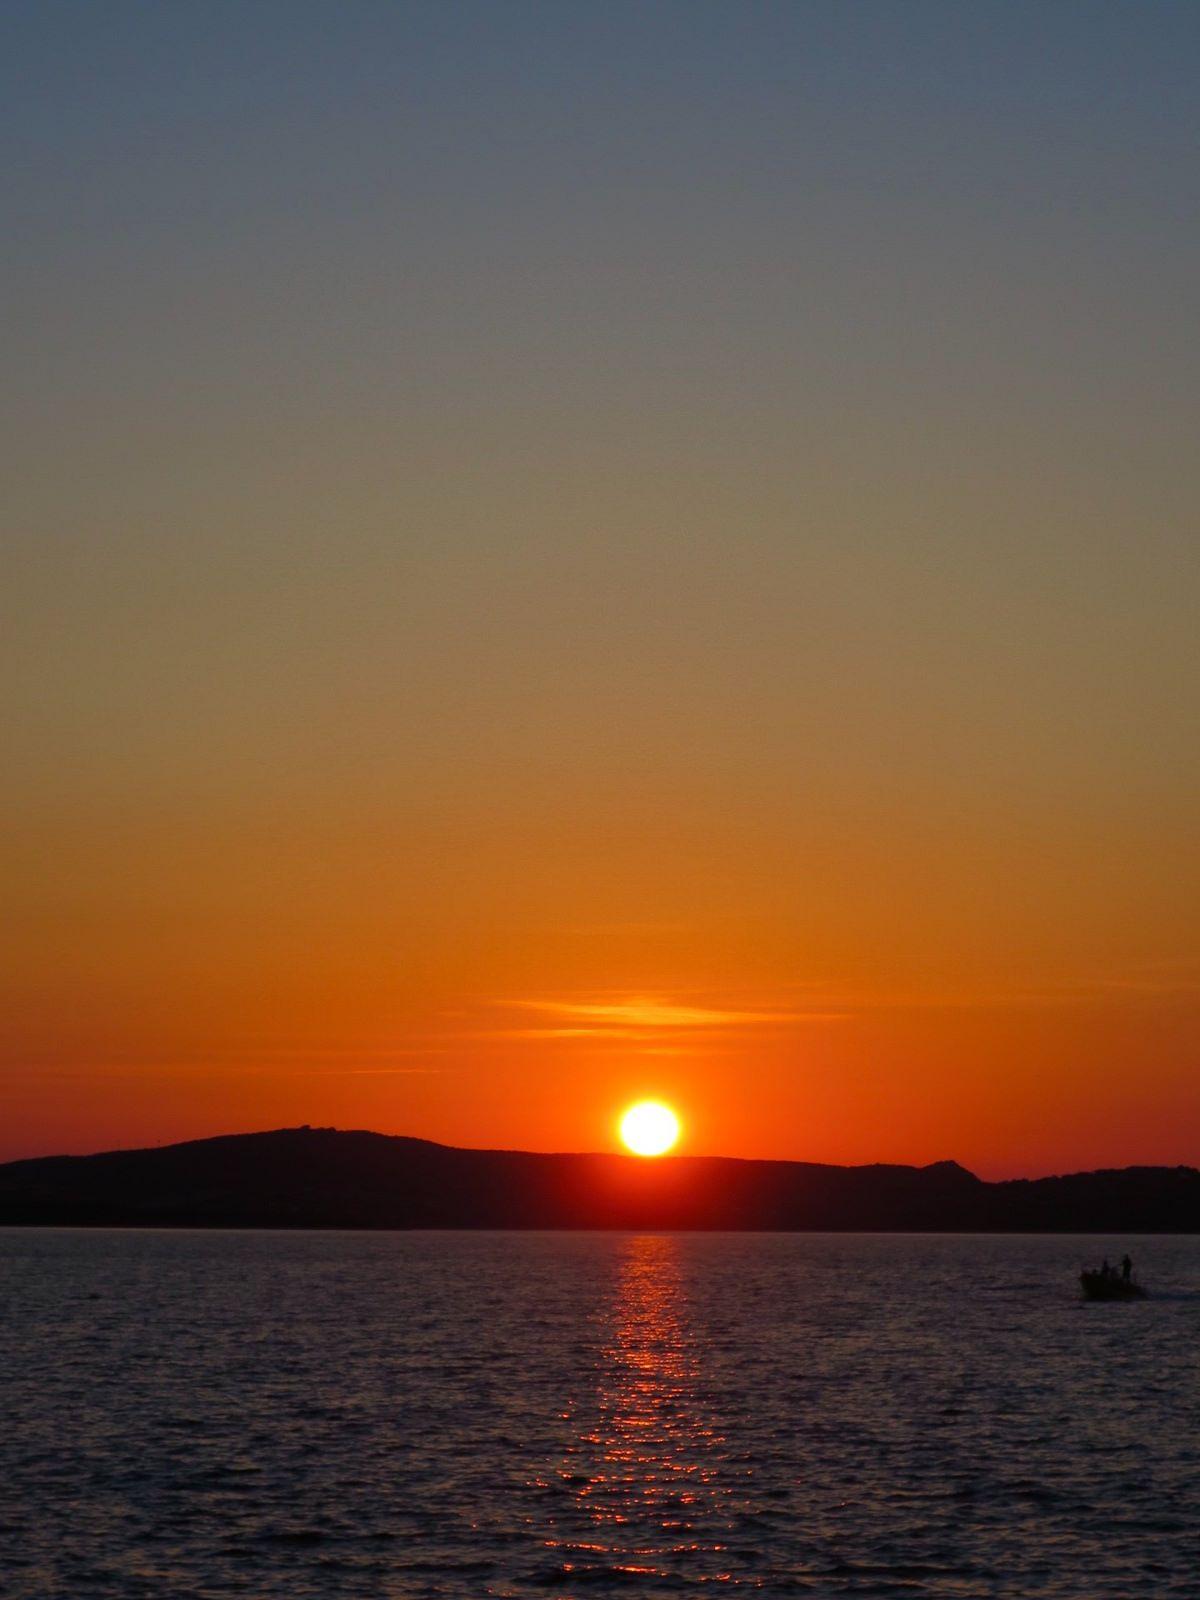 https://flic.kr/p/sUxcFY   Sunset